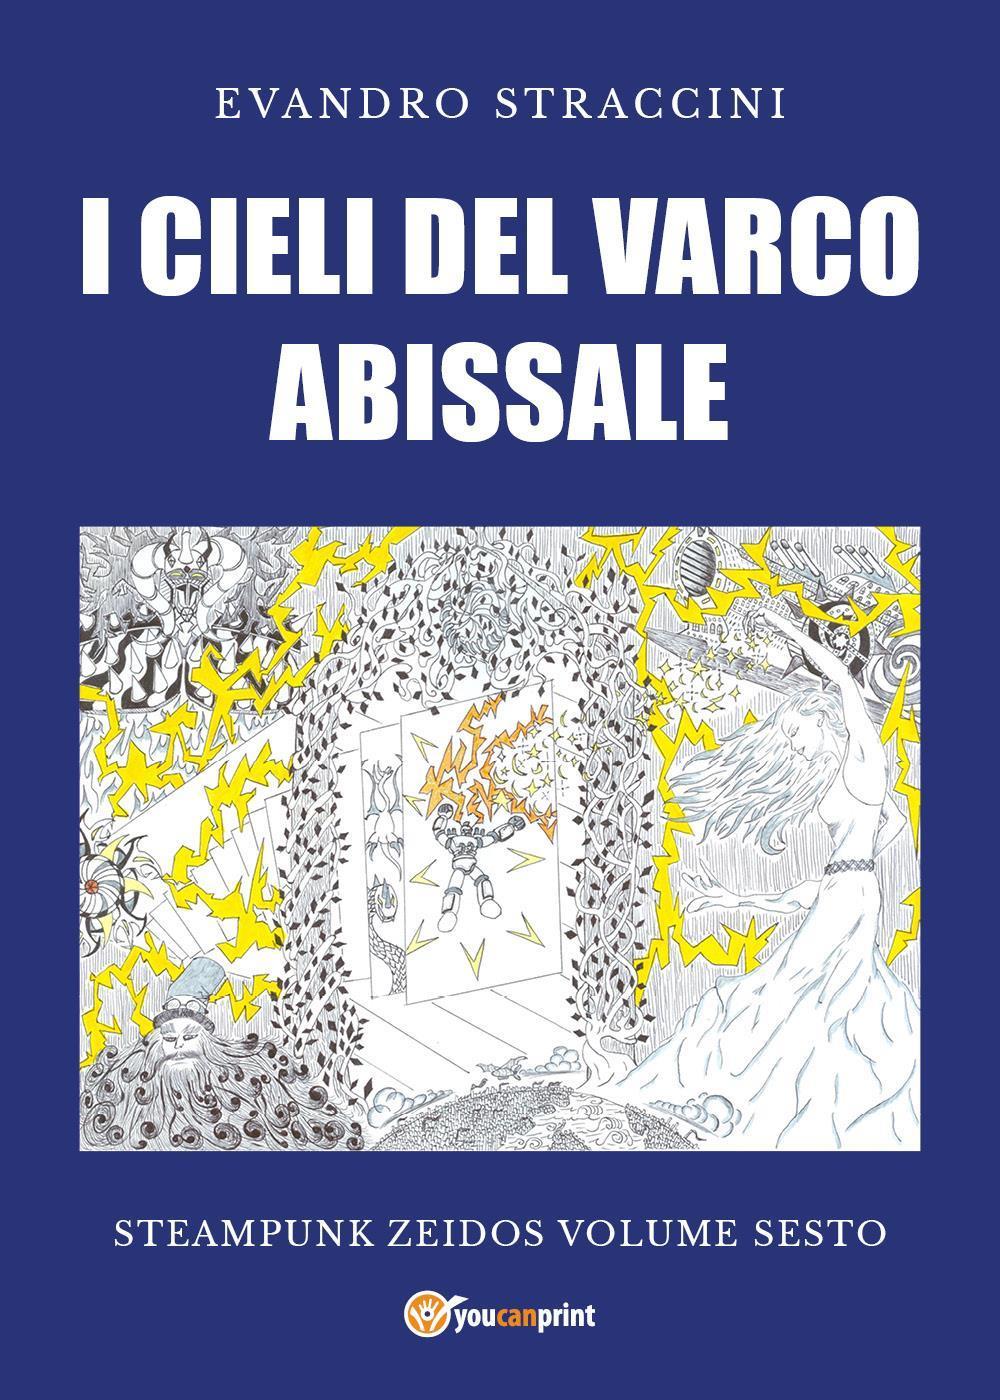 I Cieli del Varco Abissale - Steampunk Zeidos volume sesto